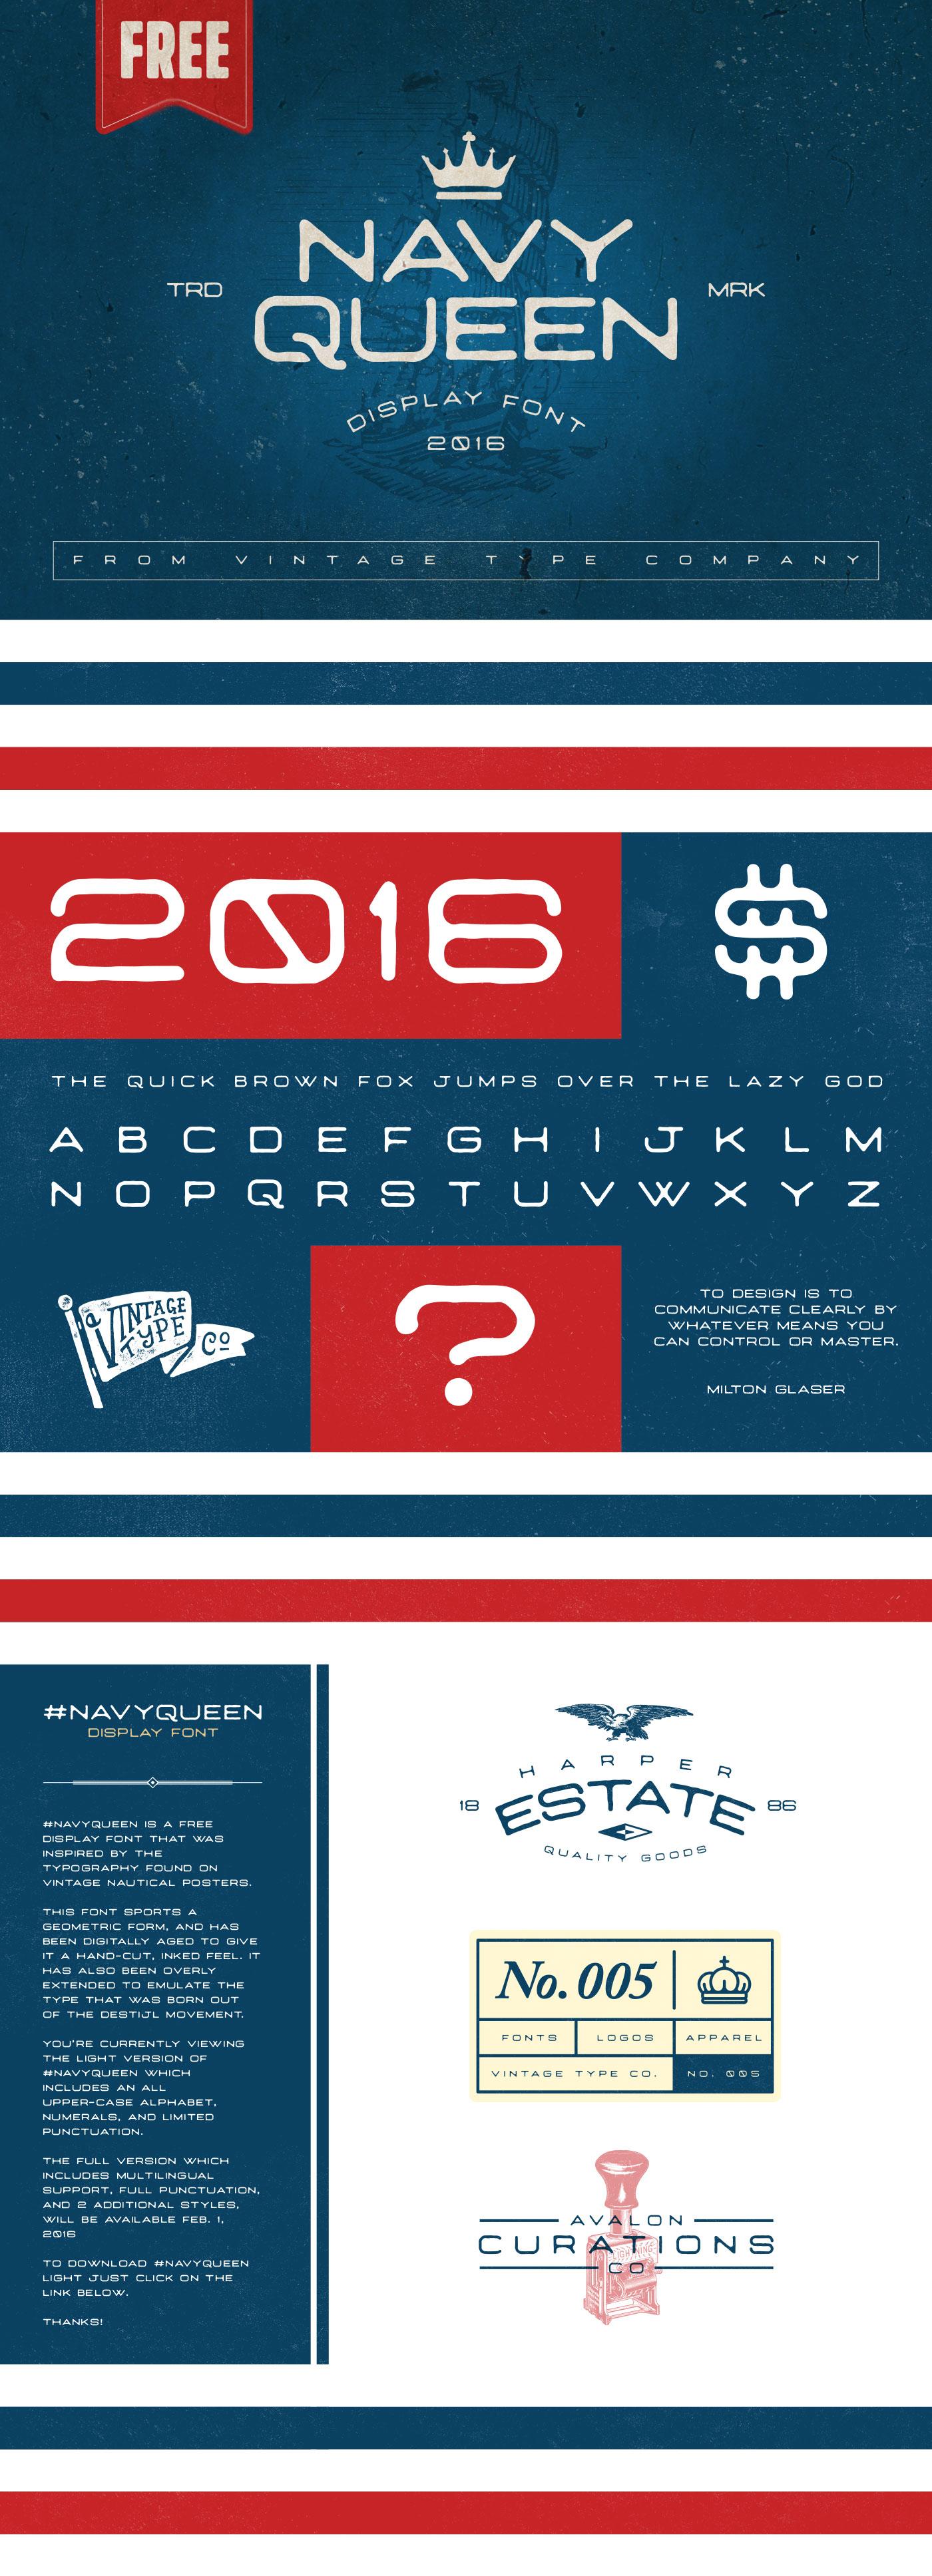 Free Font Navy Queen LT 2016